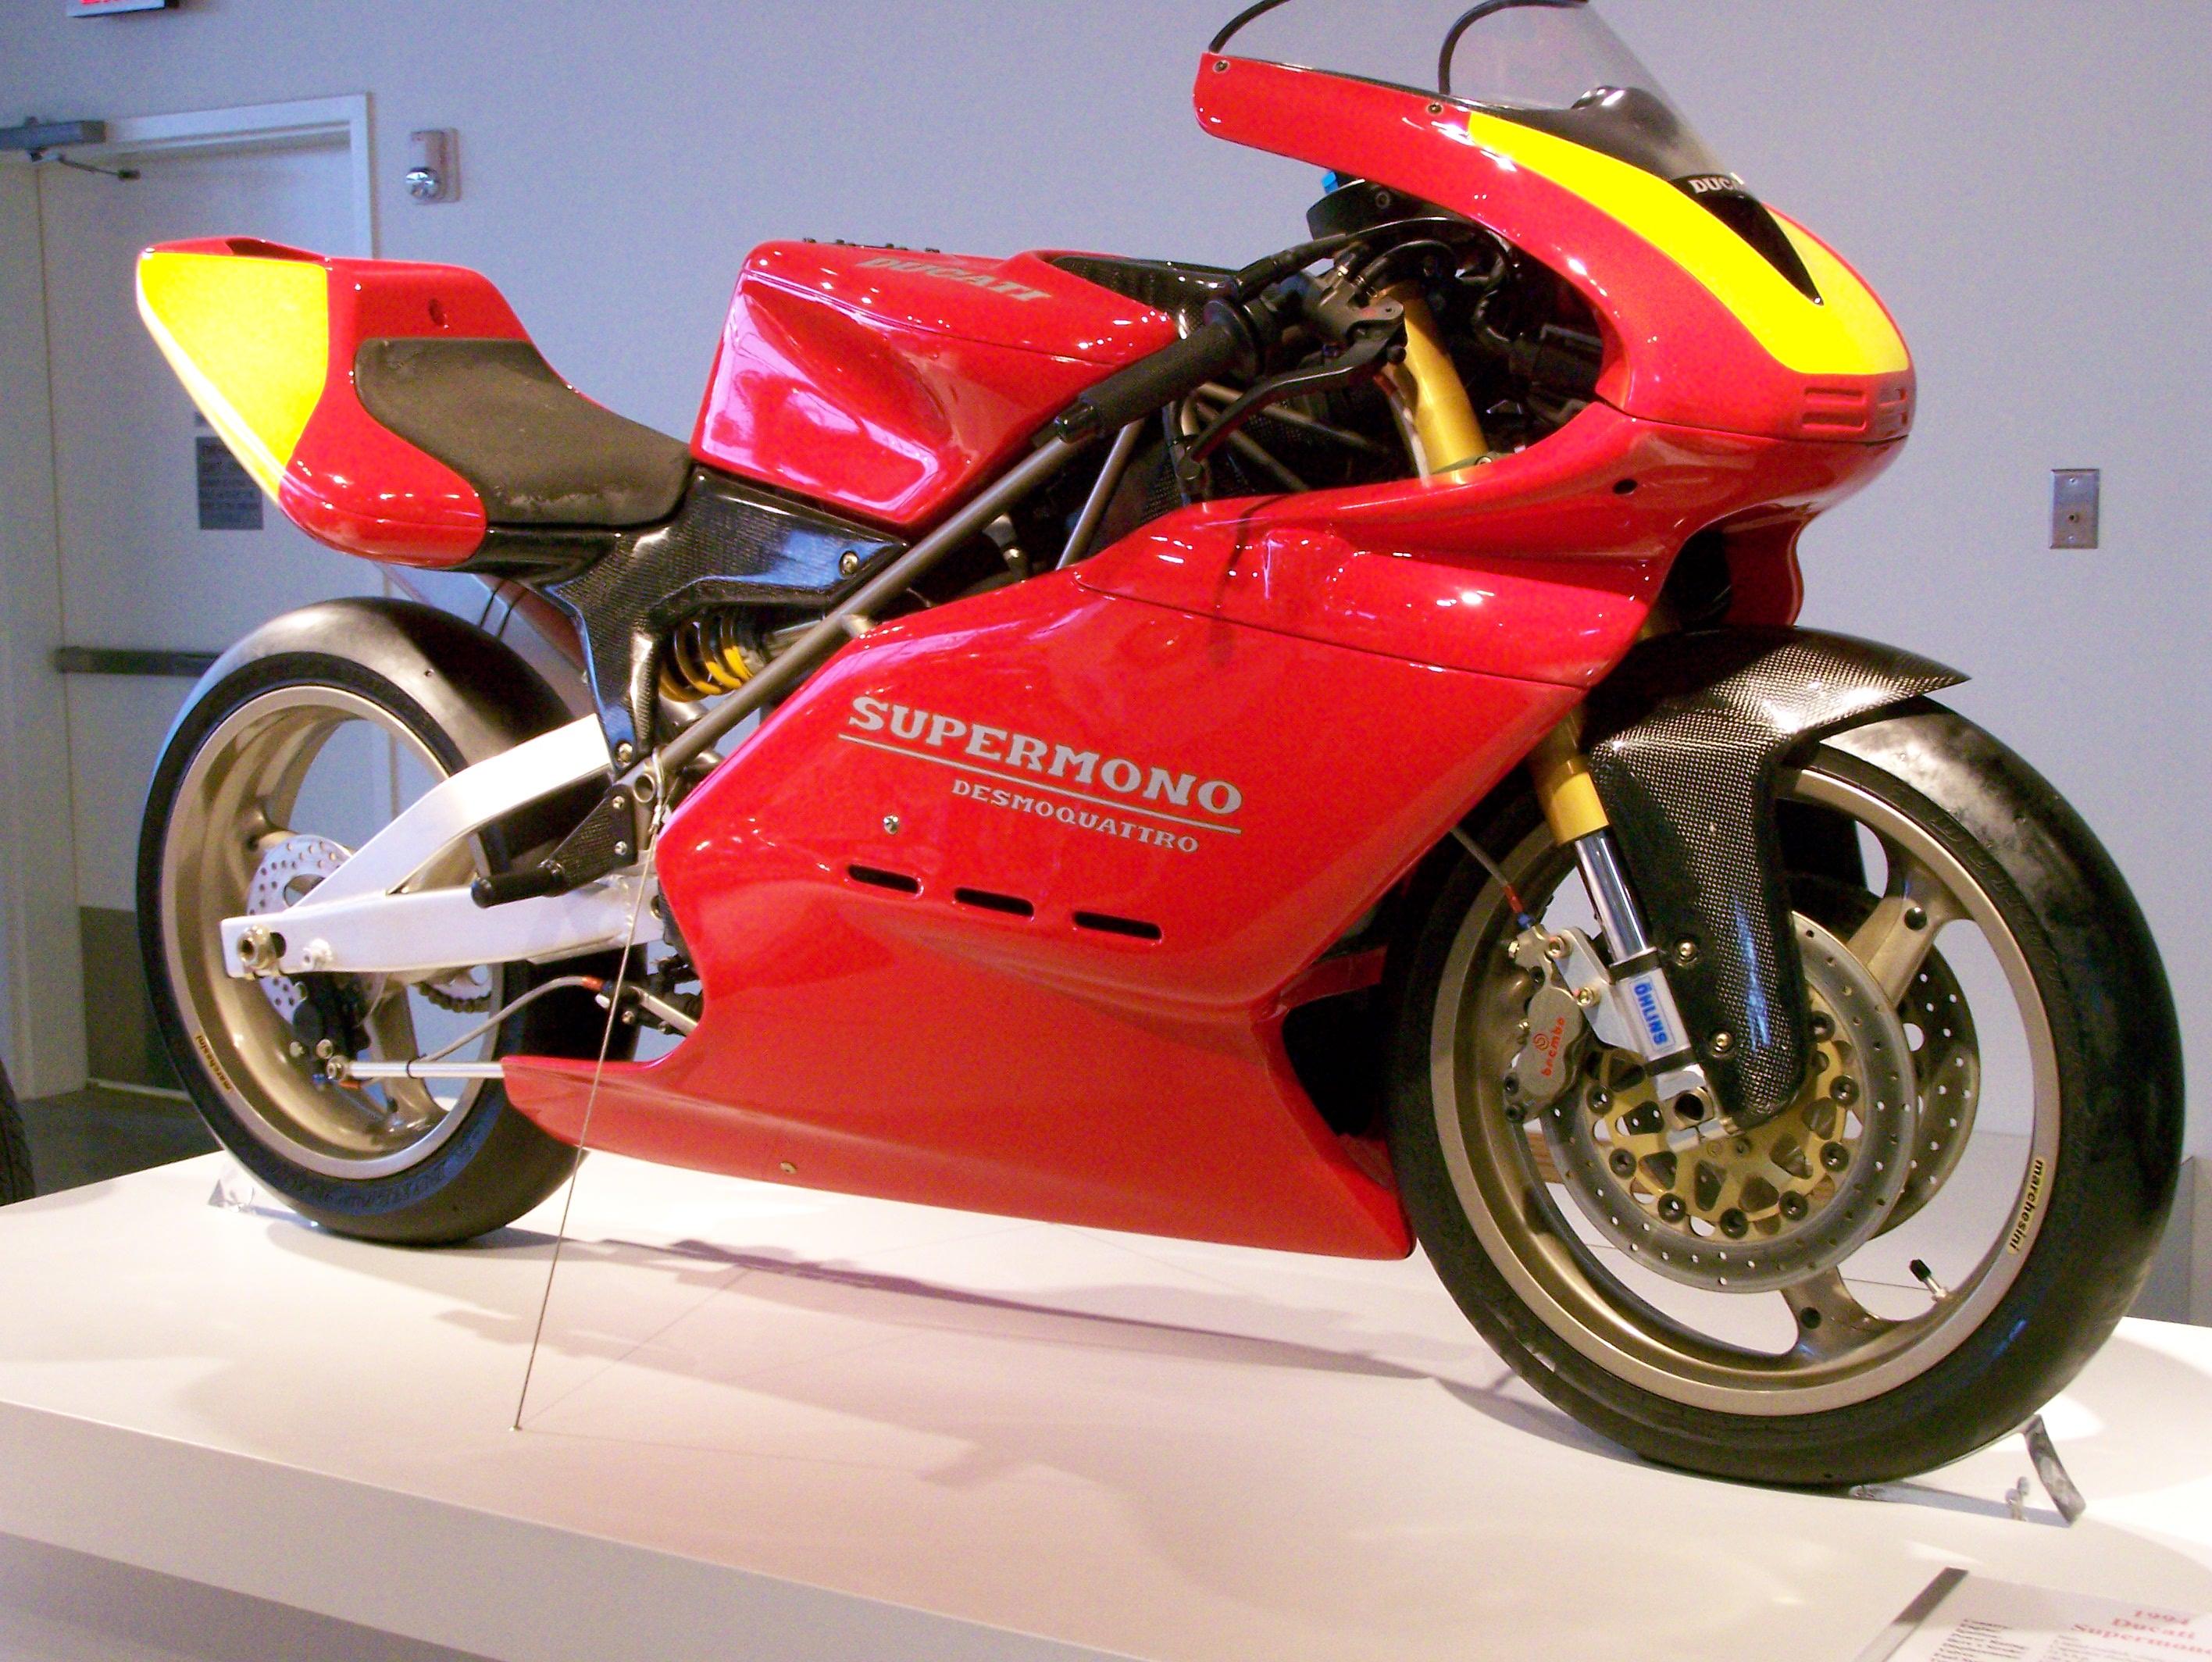 Ducati Supermono Price